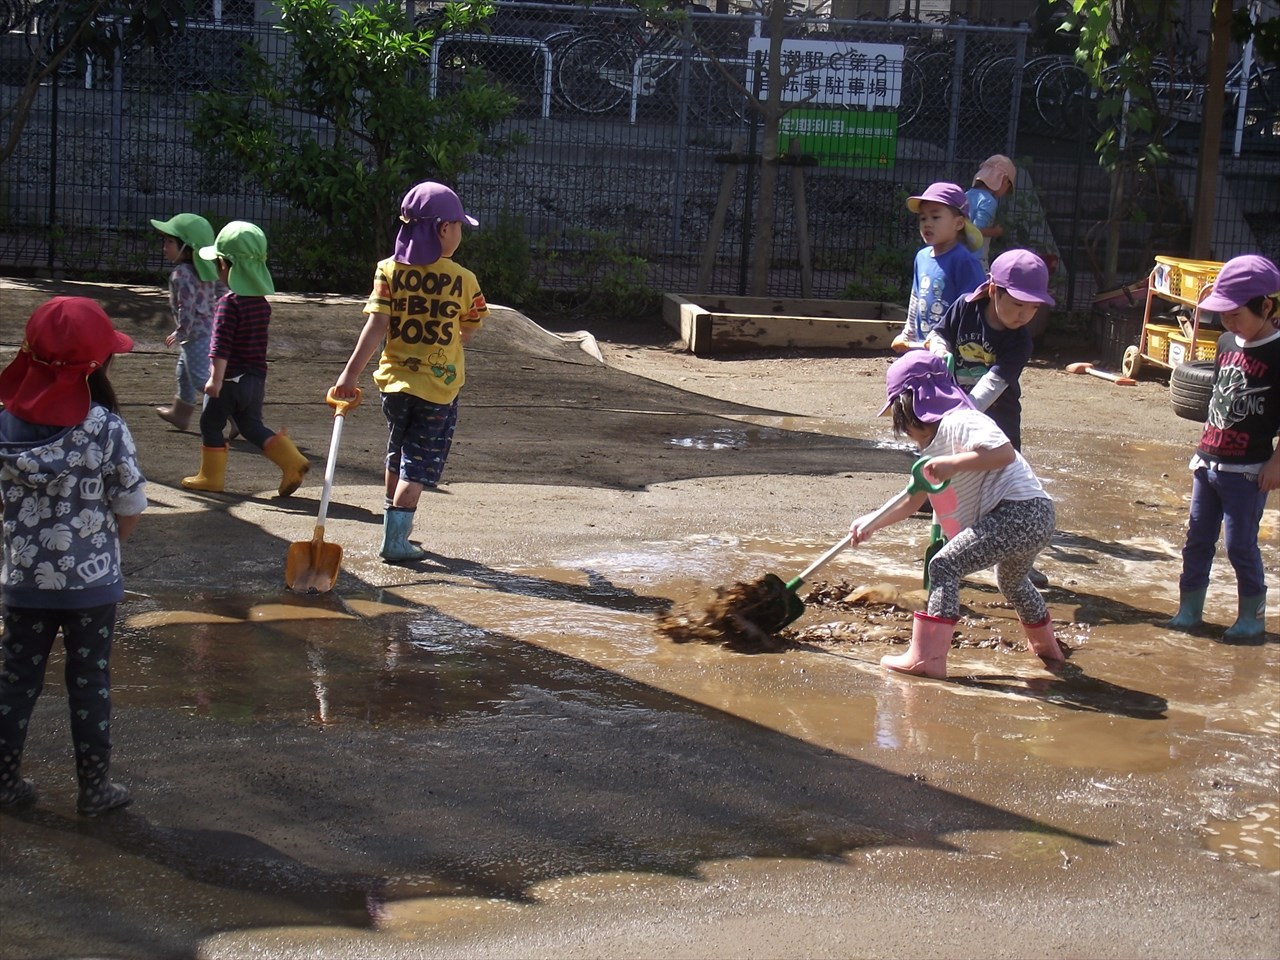 昨日降った雨でできた水たまり・・園庭に出た幼児、ぶどう組を中心にスコップで水たまりの水を散らす作業をしてくれました。